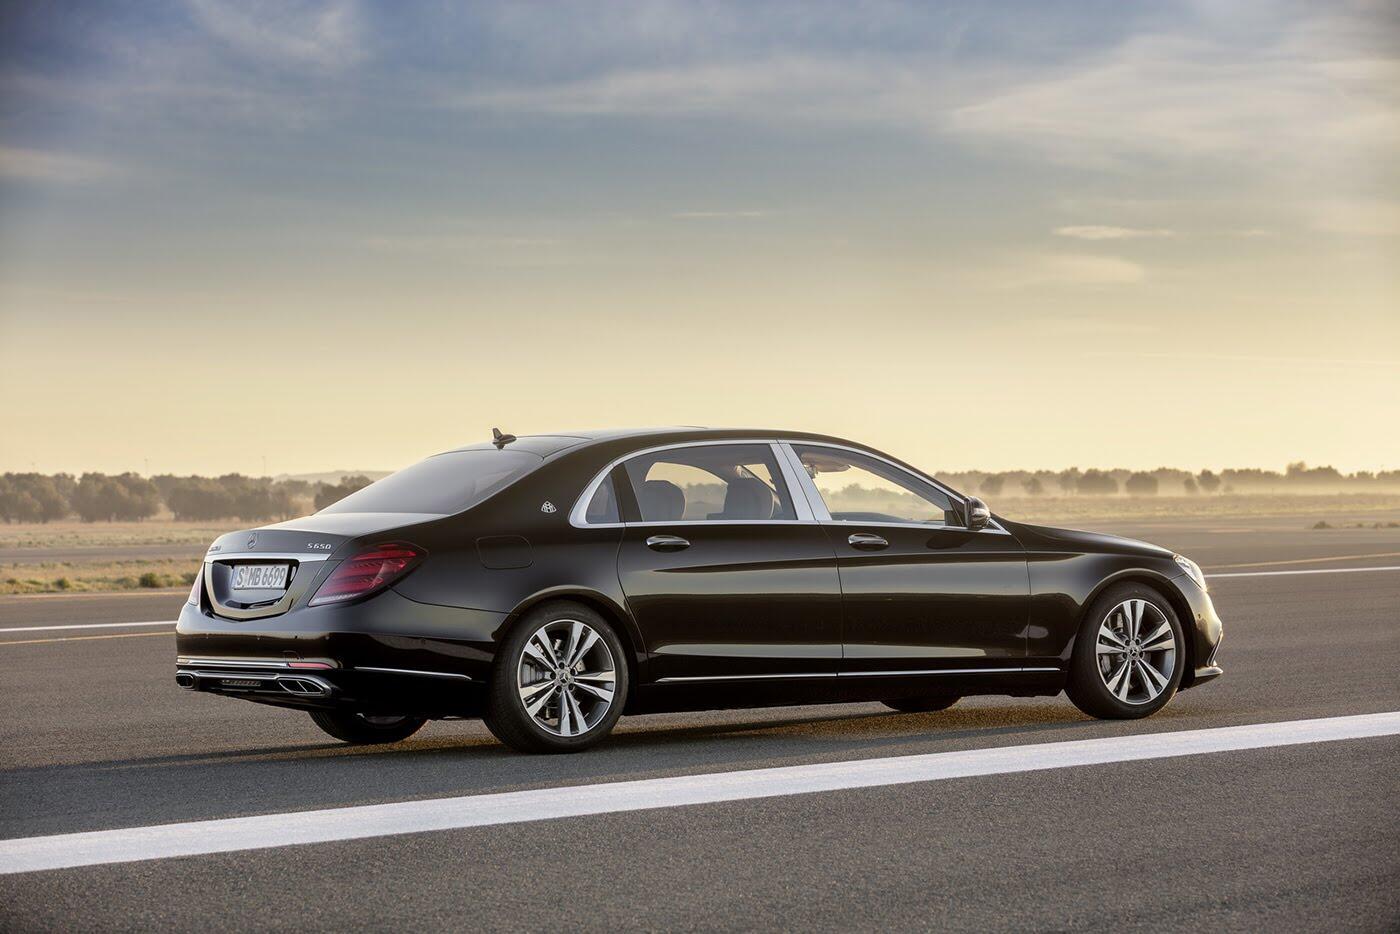 """Chiêm ngưỡng """"kiệt tác"""" Mercedes-Benz S-Class 2018 - Hình 3"""